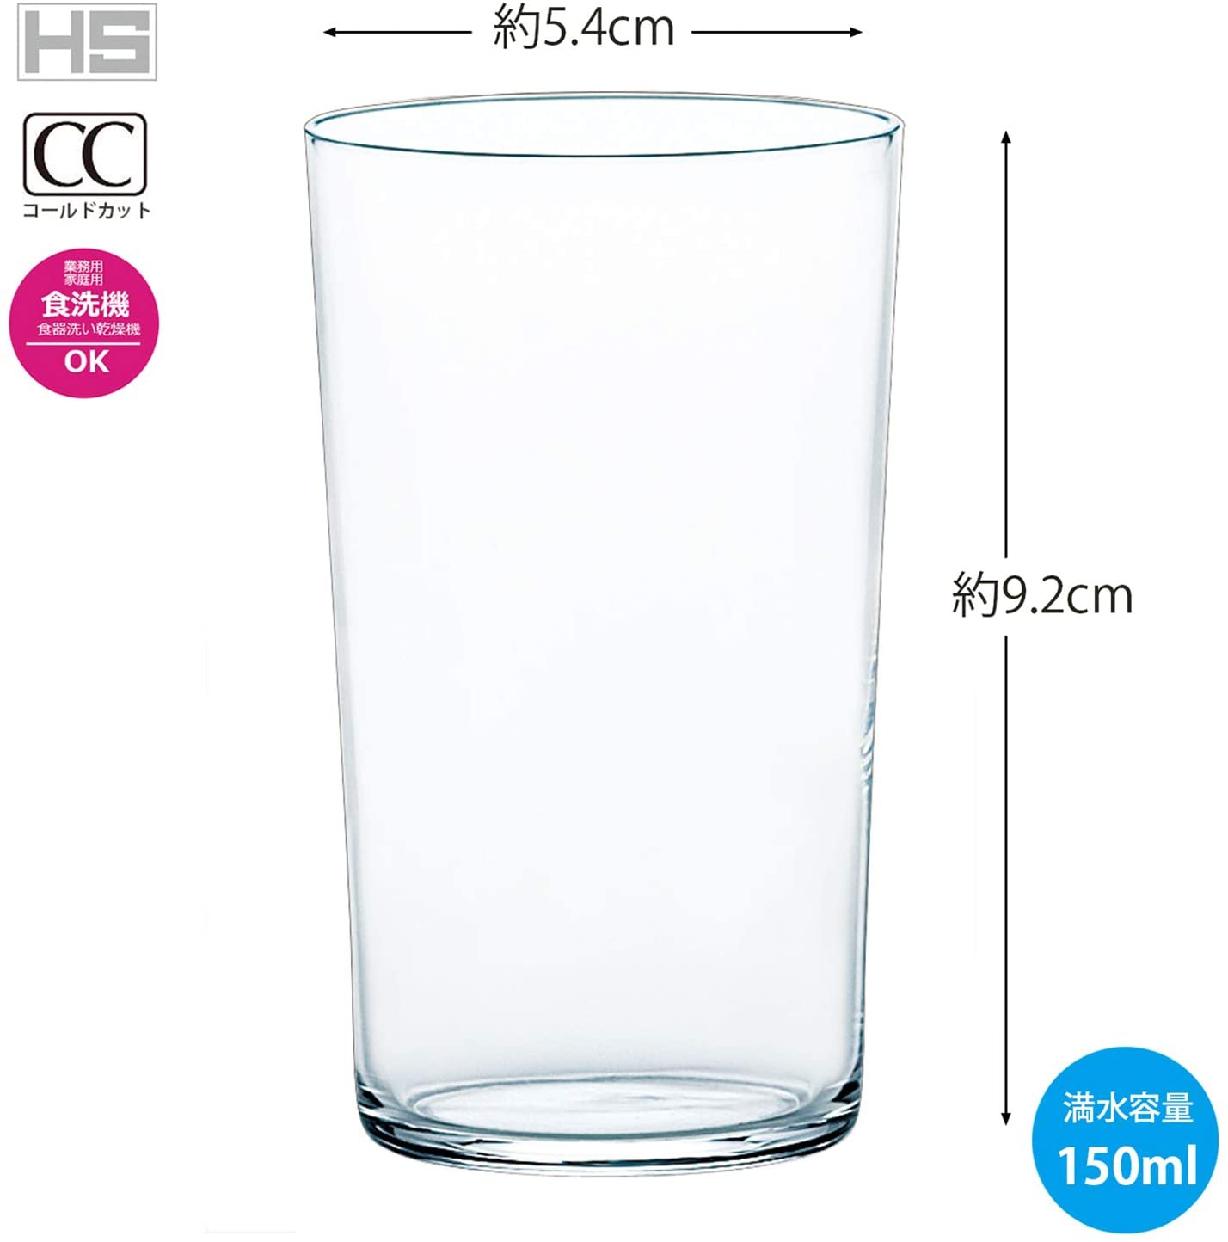 東洋佐々木ガラス 一口ビールグラスの商品画像3